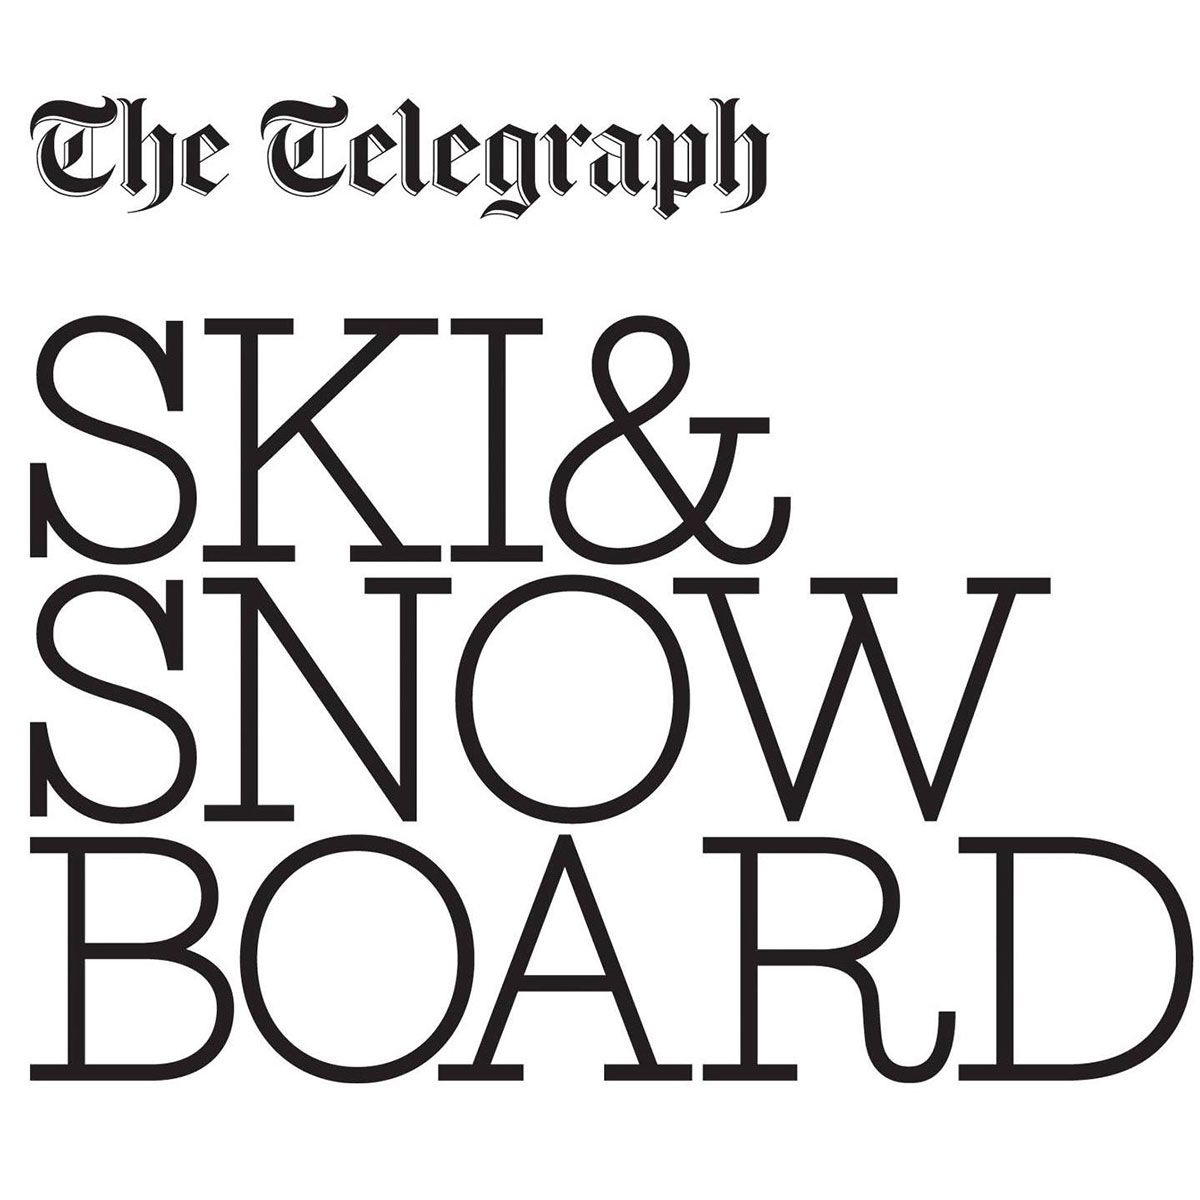 telegraph ski and snowboard festival ski show